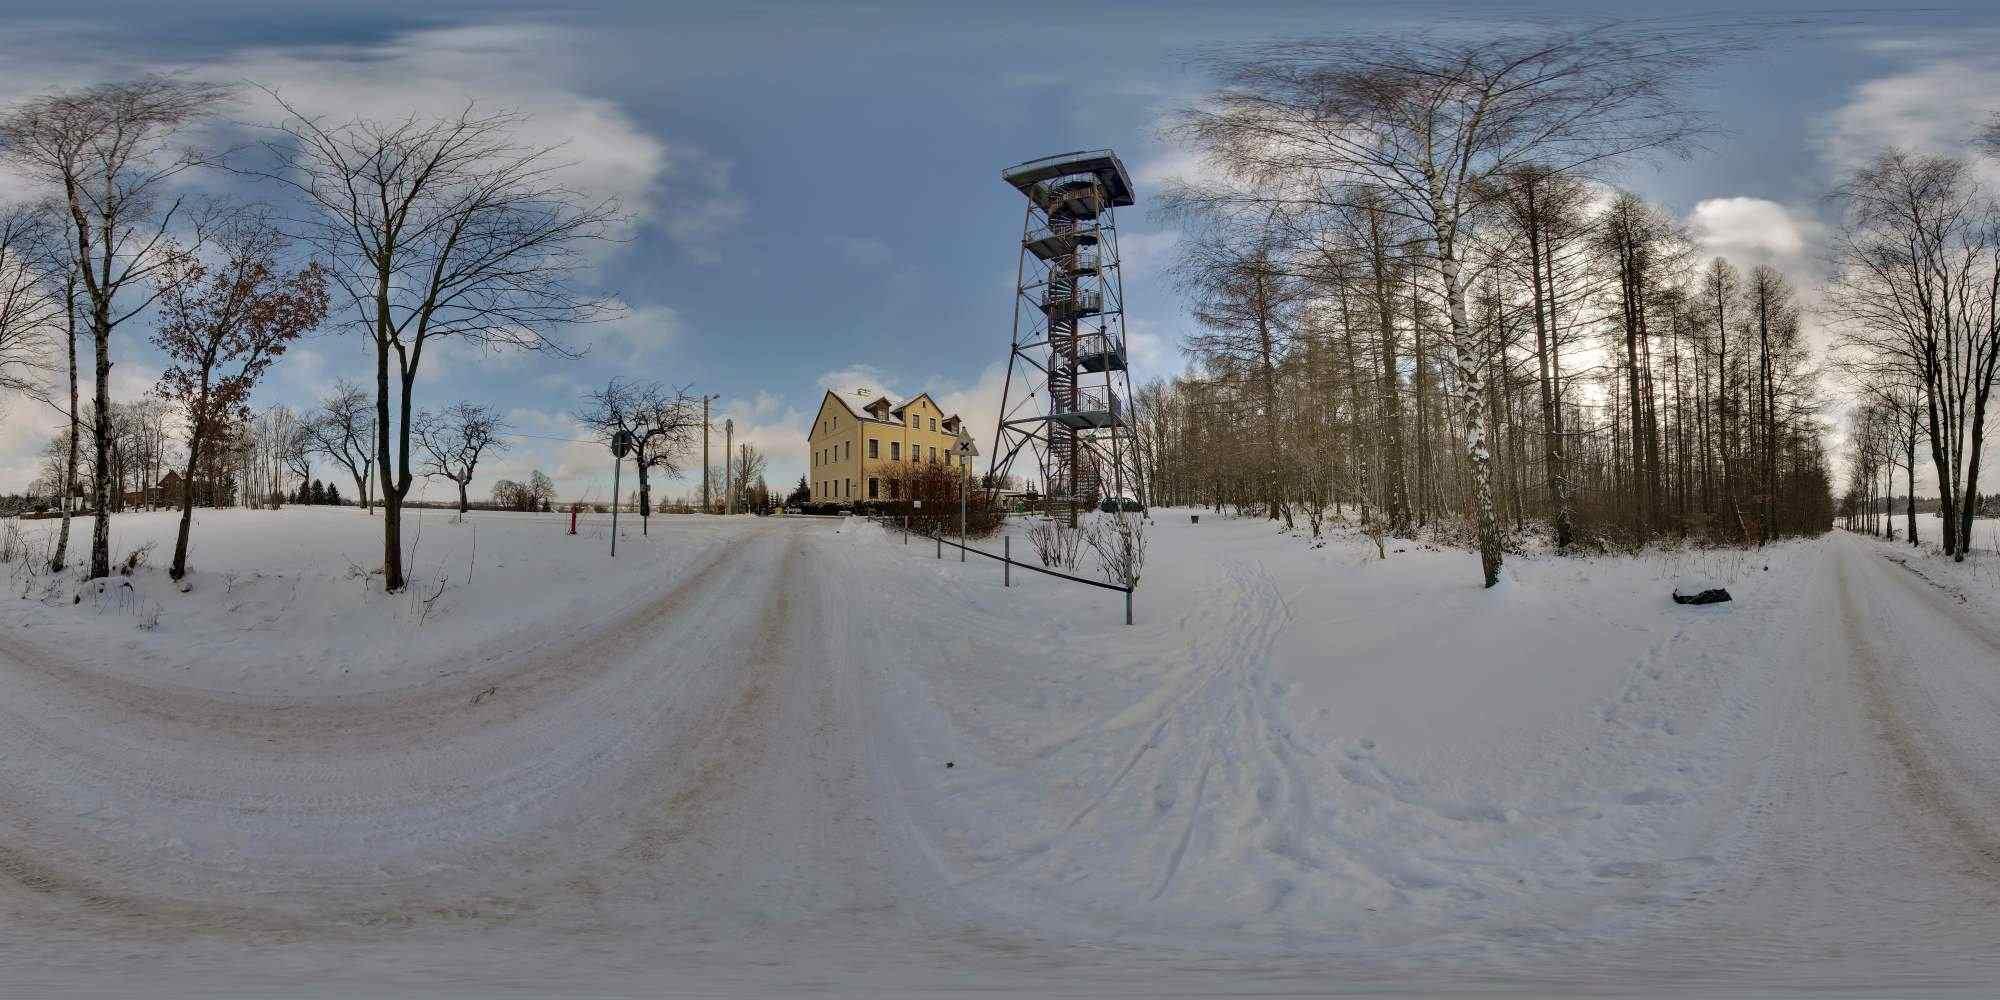 Winterpanoramen mit weihnachtlicher Musik und Schneefall 1